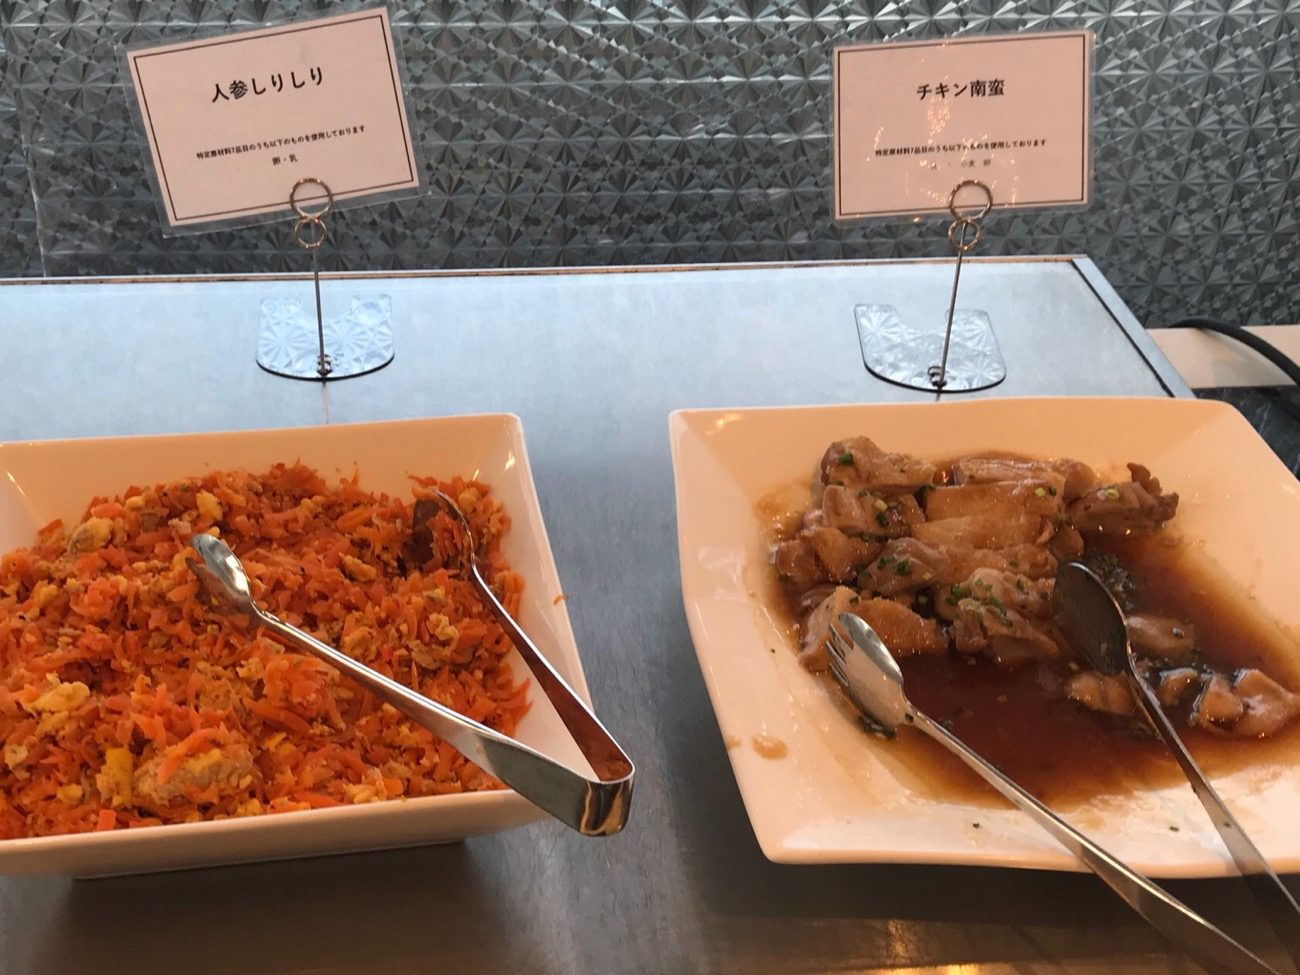 沖縄料理にんじんしりしり 充実した朝食バイキングホテルイーストチャイナシー